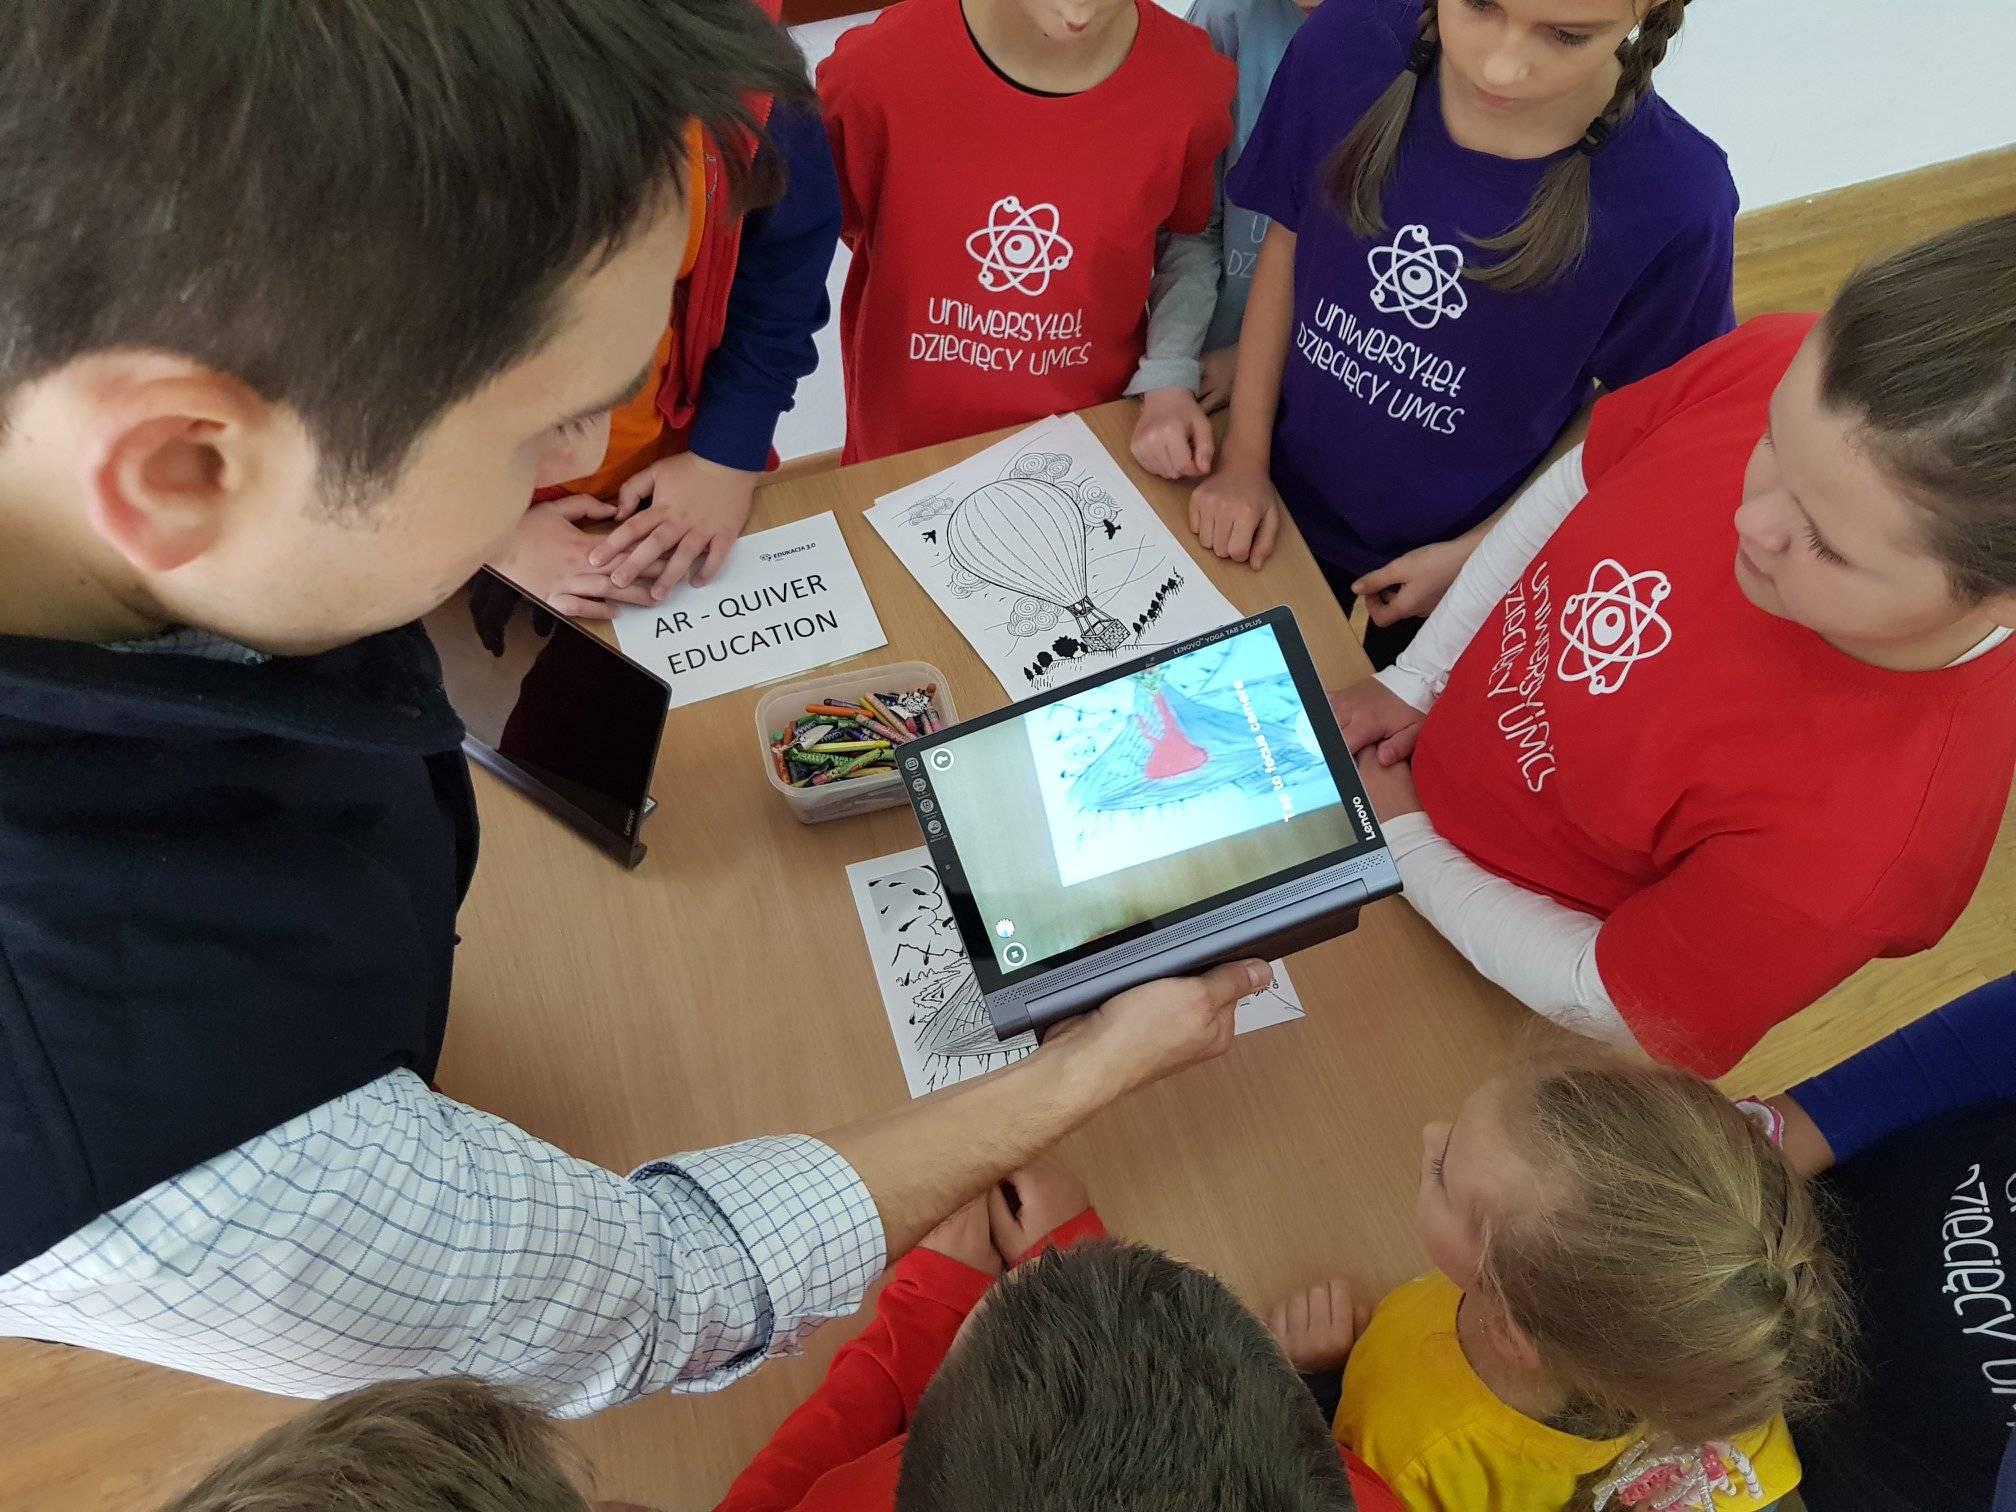 Rzeczywistość rozszerzona Augmented Reality Quiver Education Uniwersytet Dziecięcy UMCS